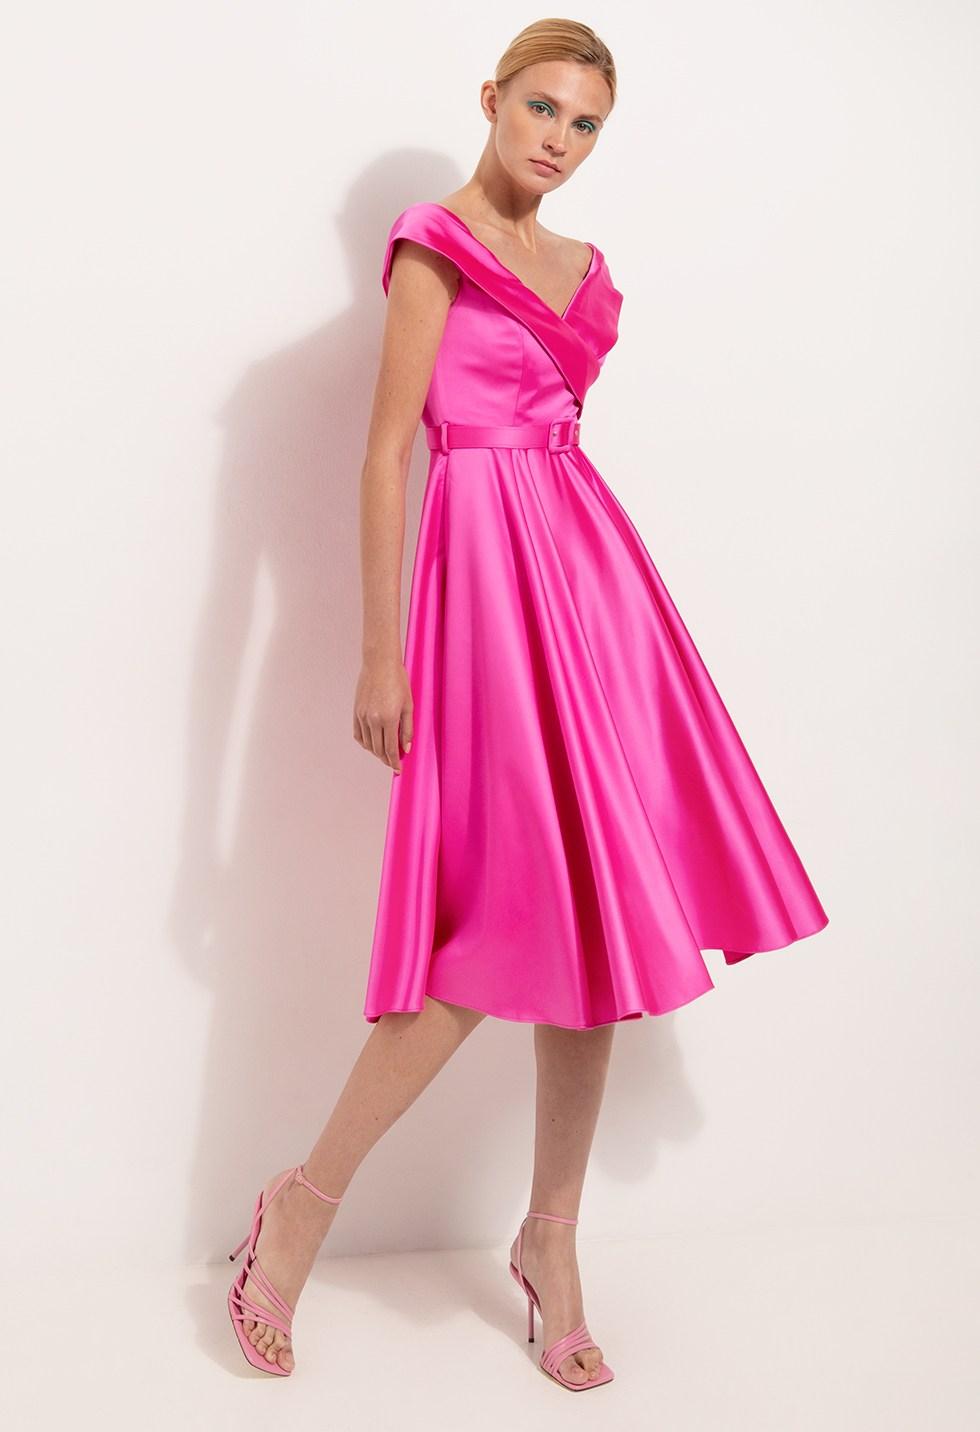 Μίντι φόρεμα σατινέ με ανοιχτούς ώμους image